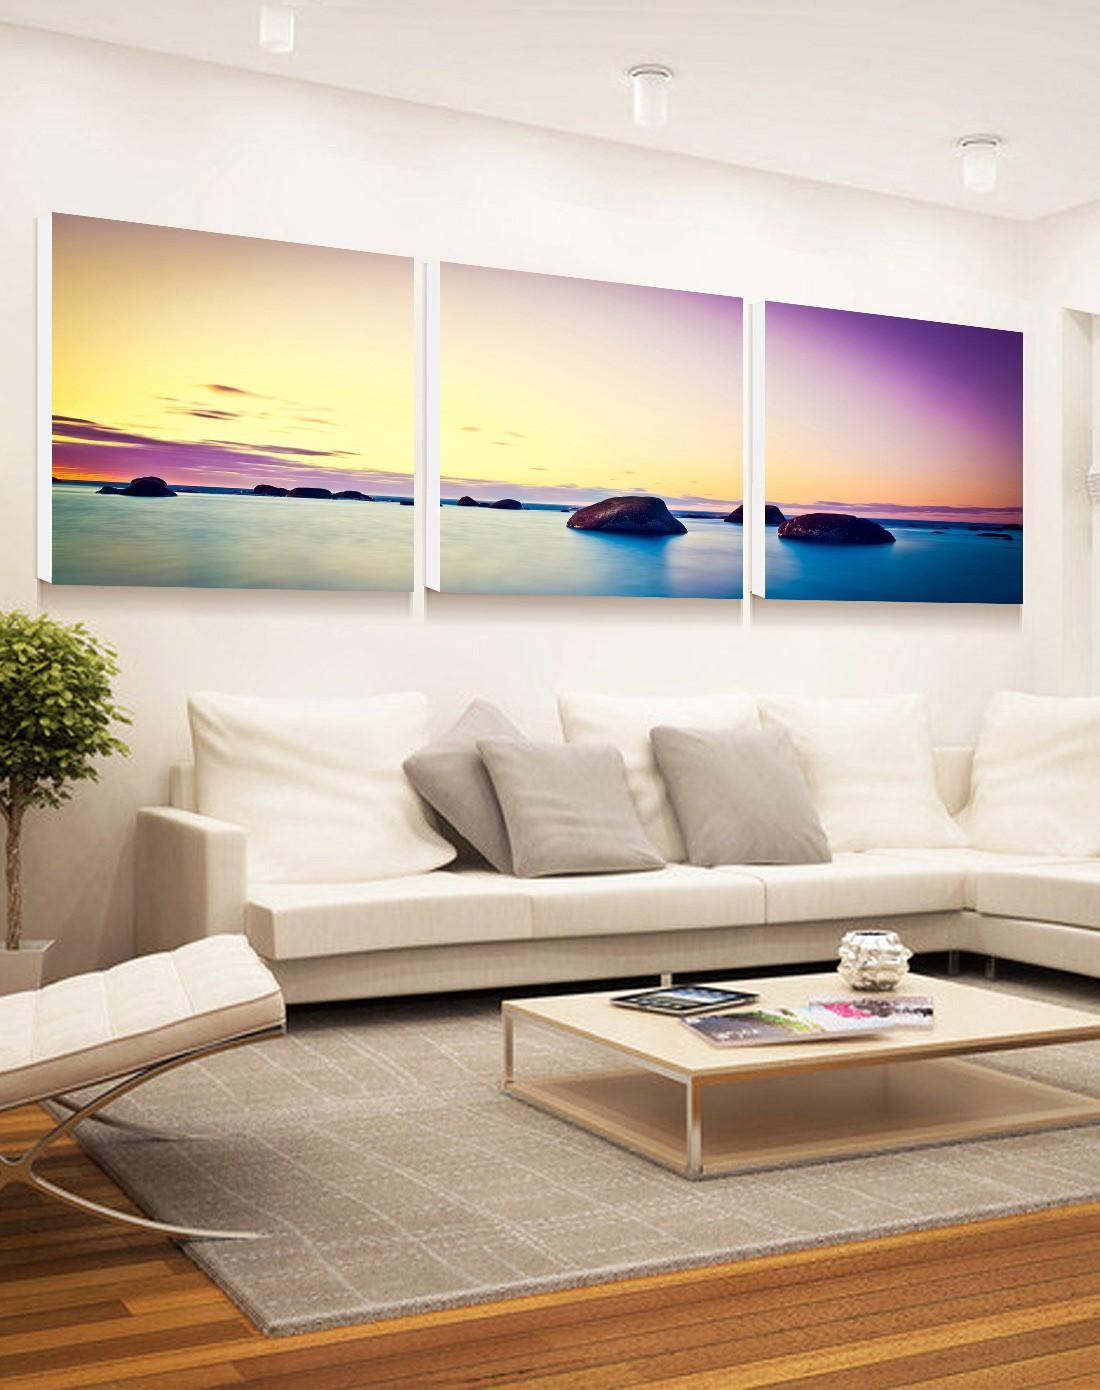 柠檬树家居装饰专场现代简约风景无框装饰画 紫气东来